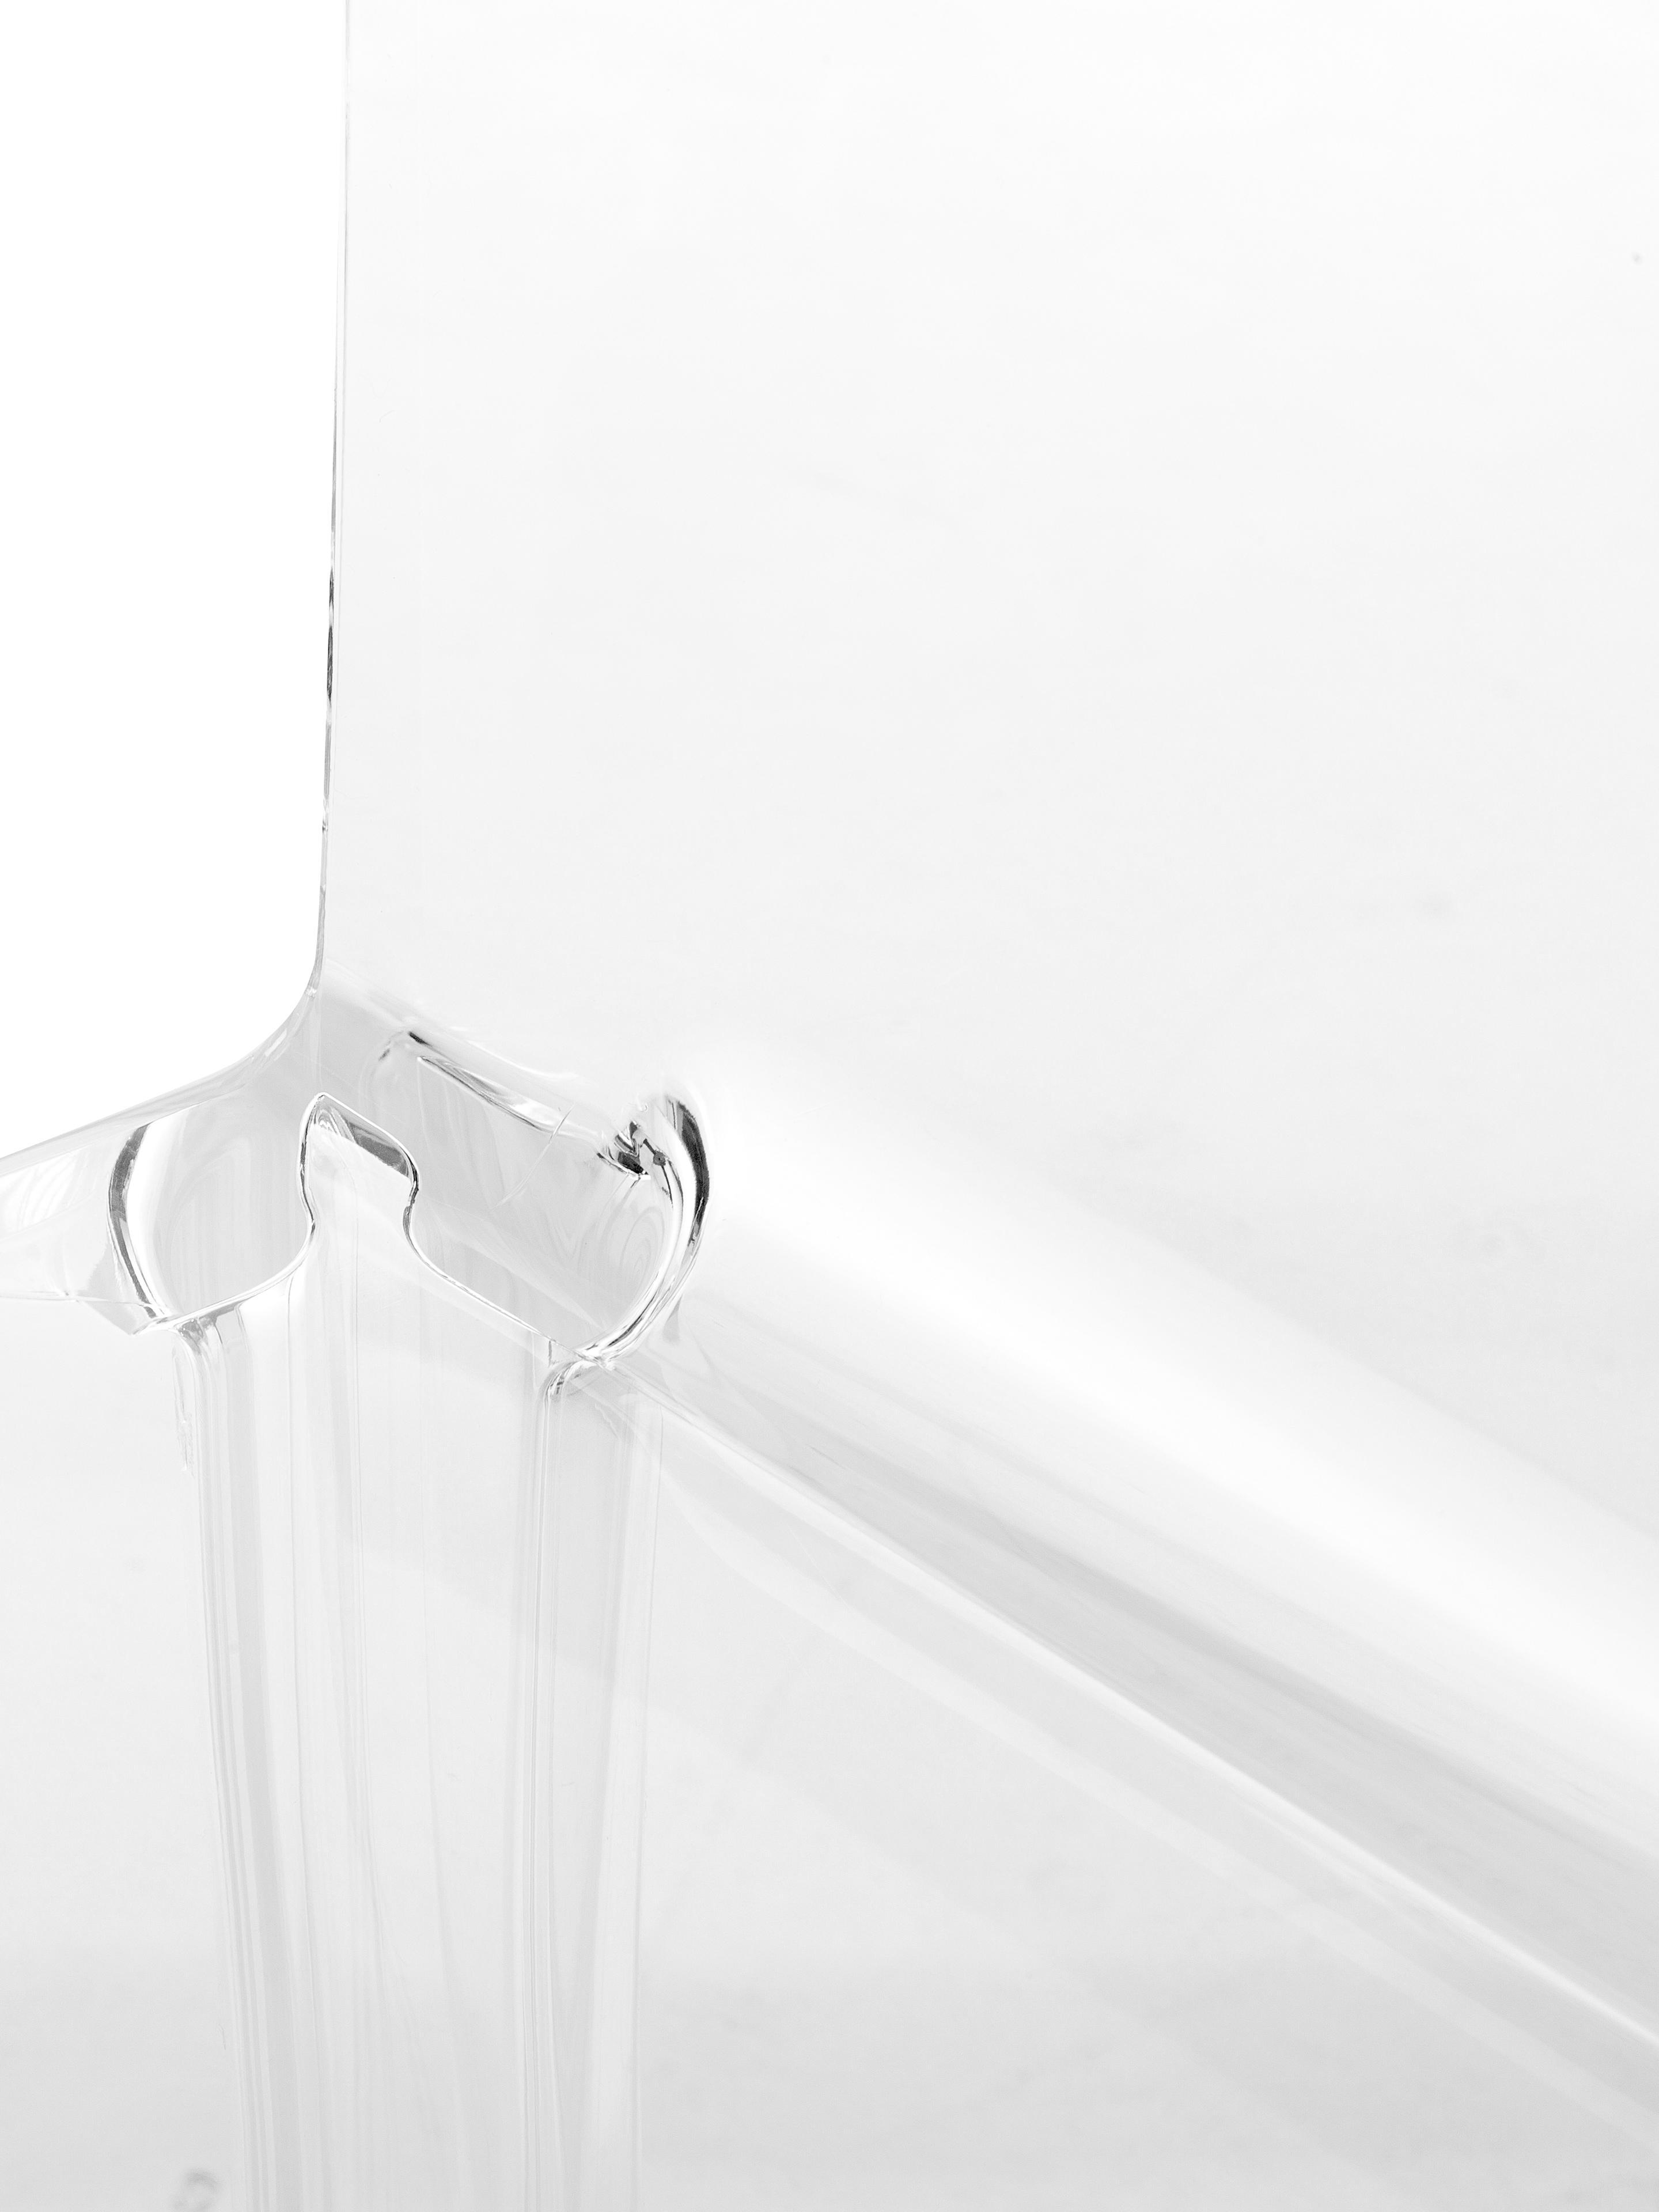 Transparenter Nachttisch Ghost, Kunststoff, Transparent, 40 x 57 cm